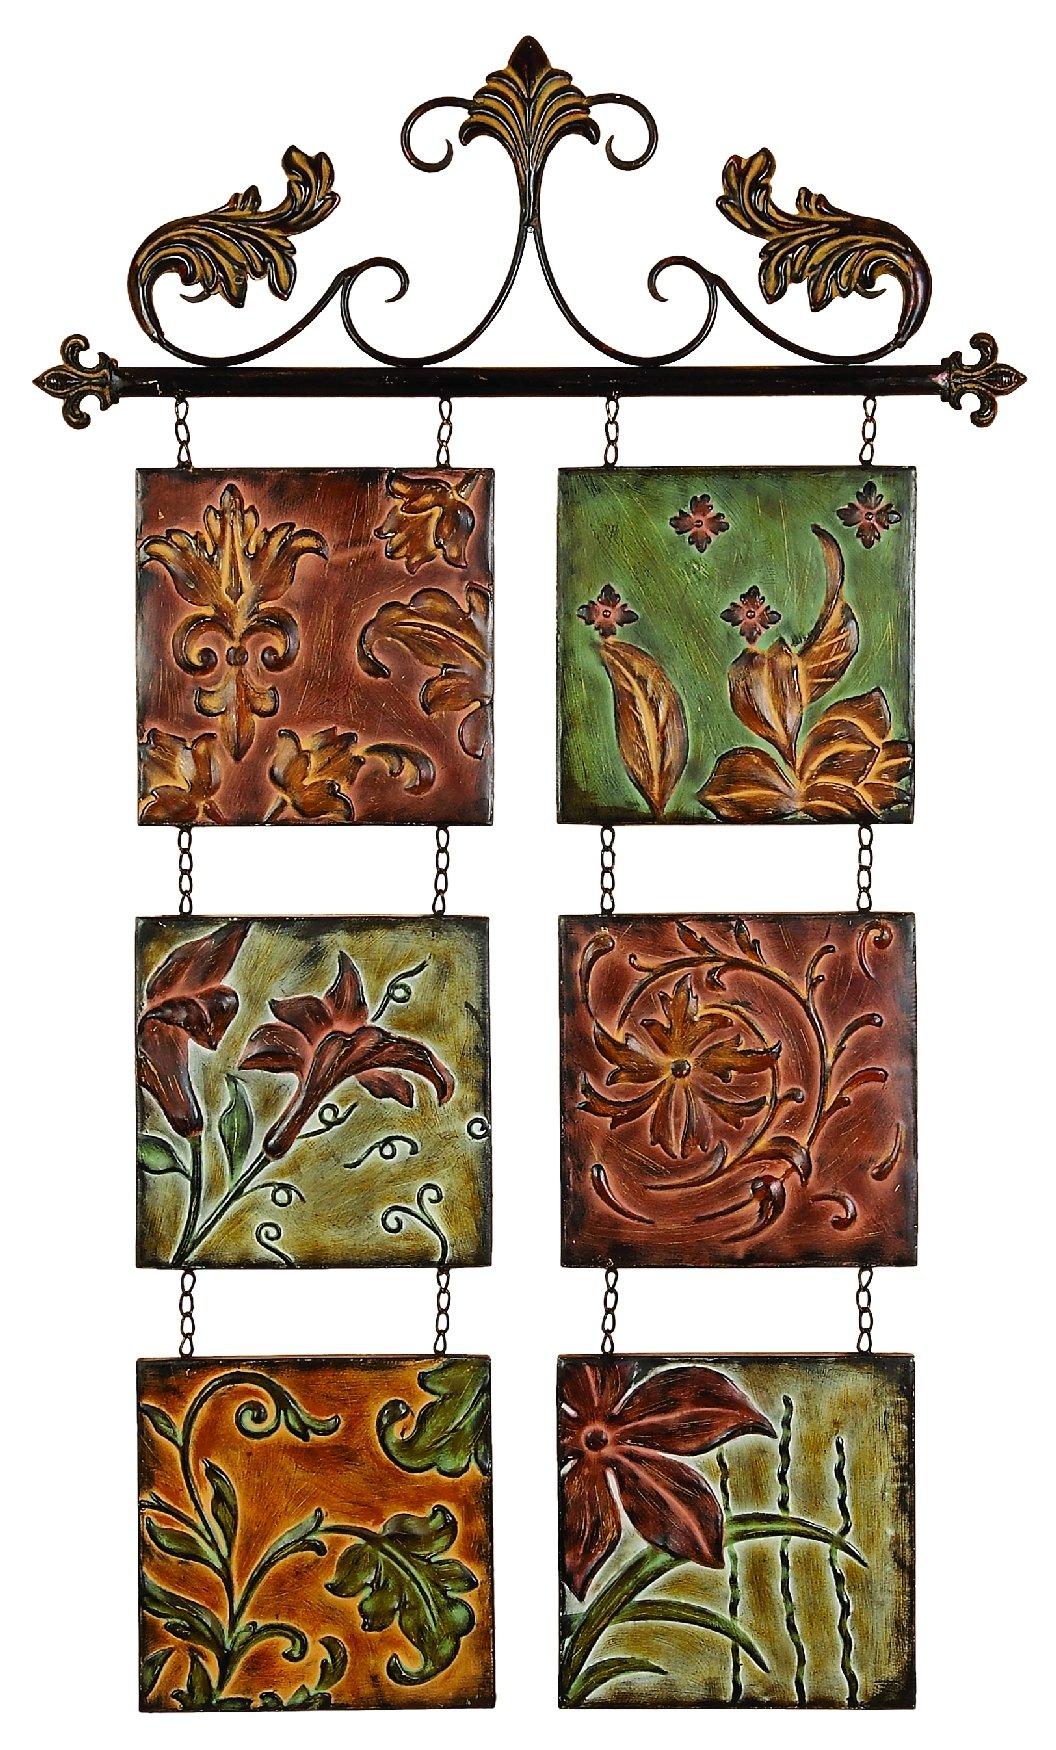 Wall Art And Decor For Living Room: Metal Wall Decor Botanical Scroll Metal-(99204